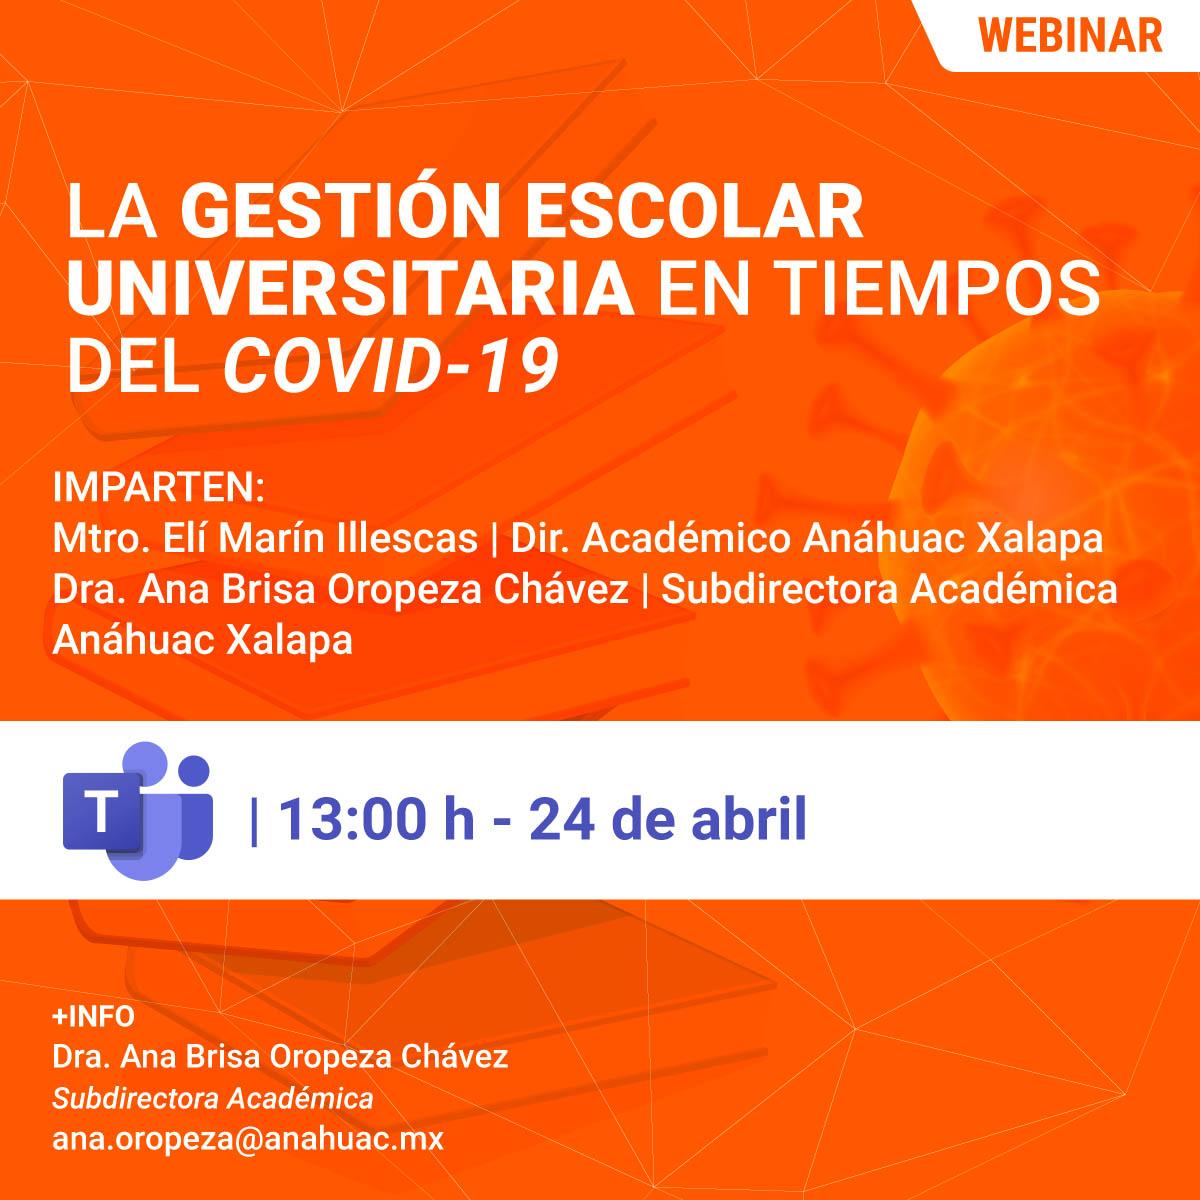 La Gestión Escolar Universitaria en Tiempos del COVID-19